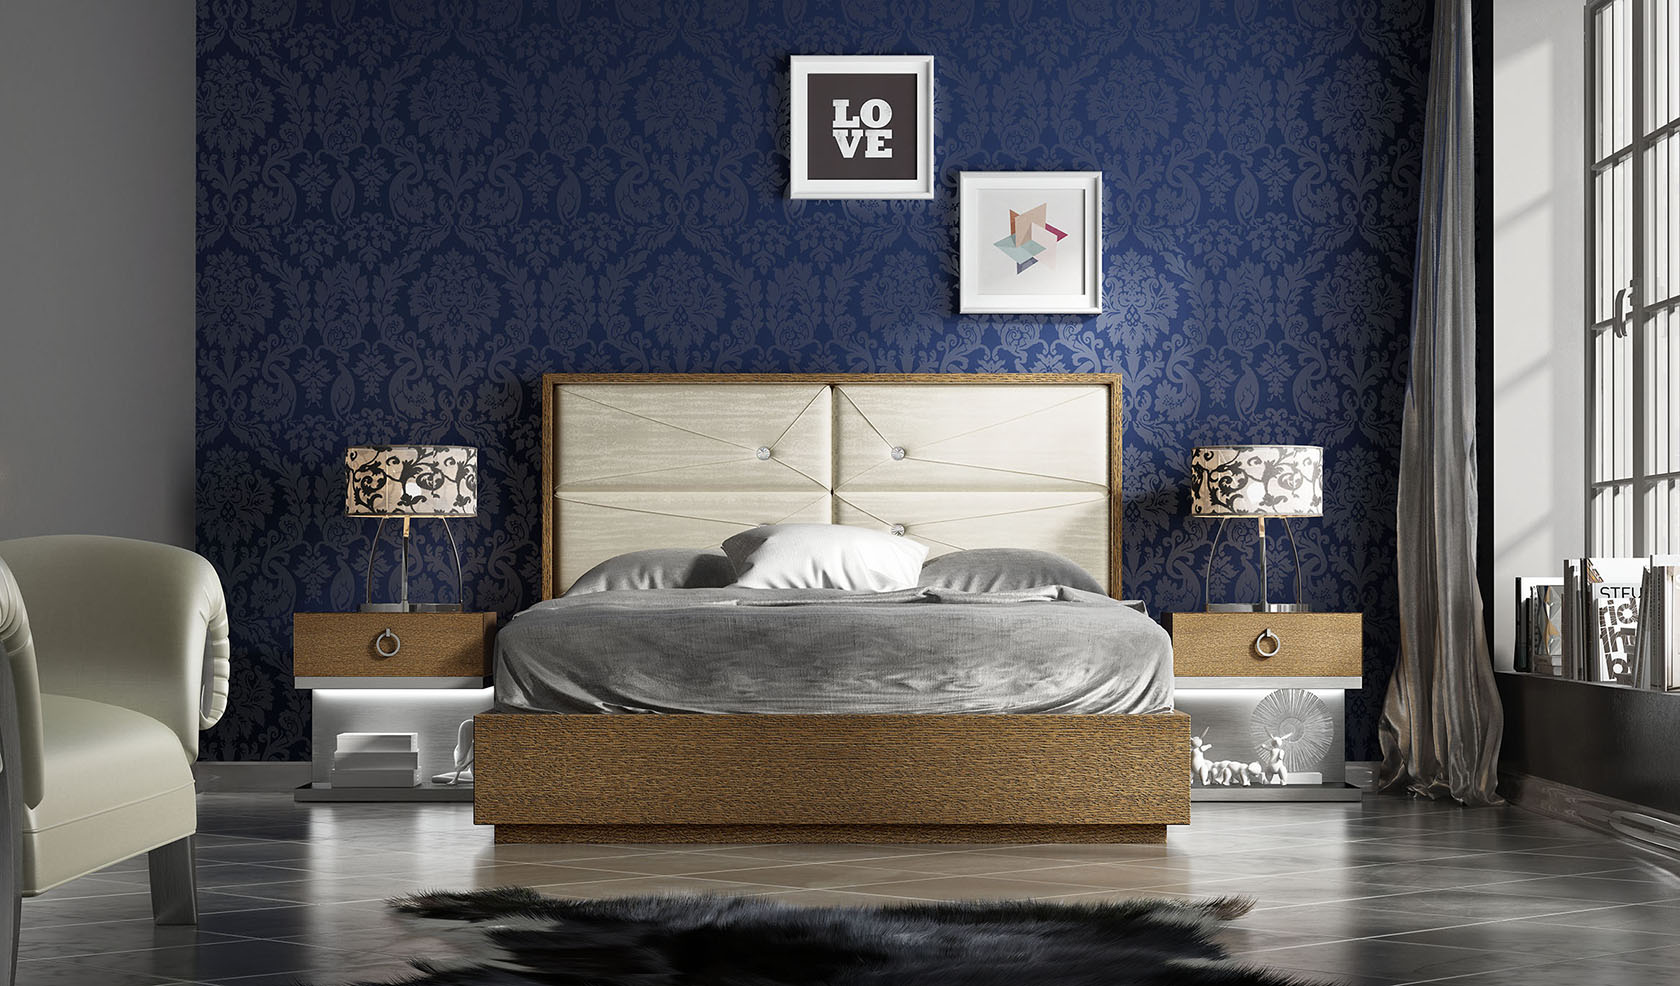 Dormitorios_Contempóraneos_(23)